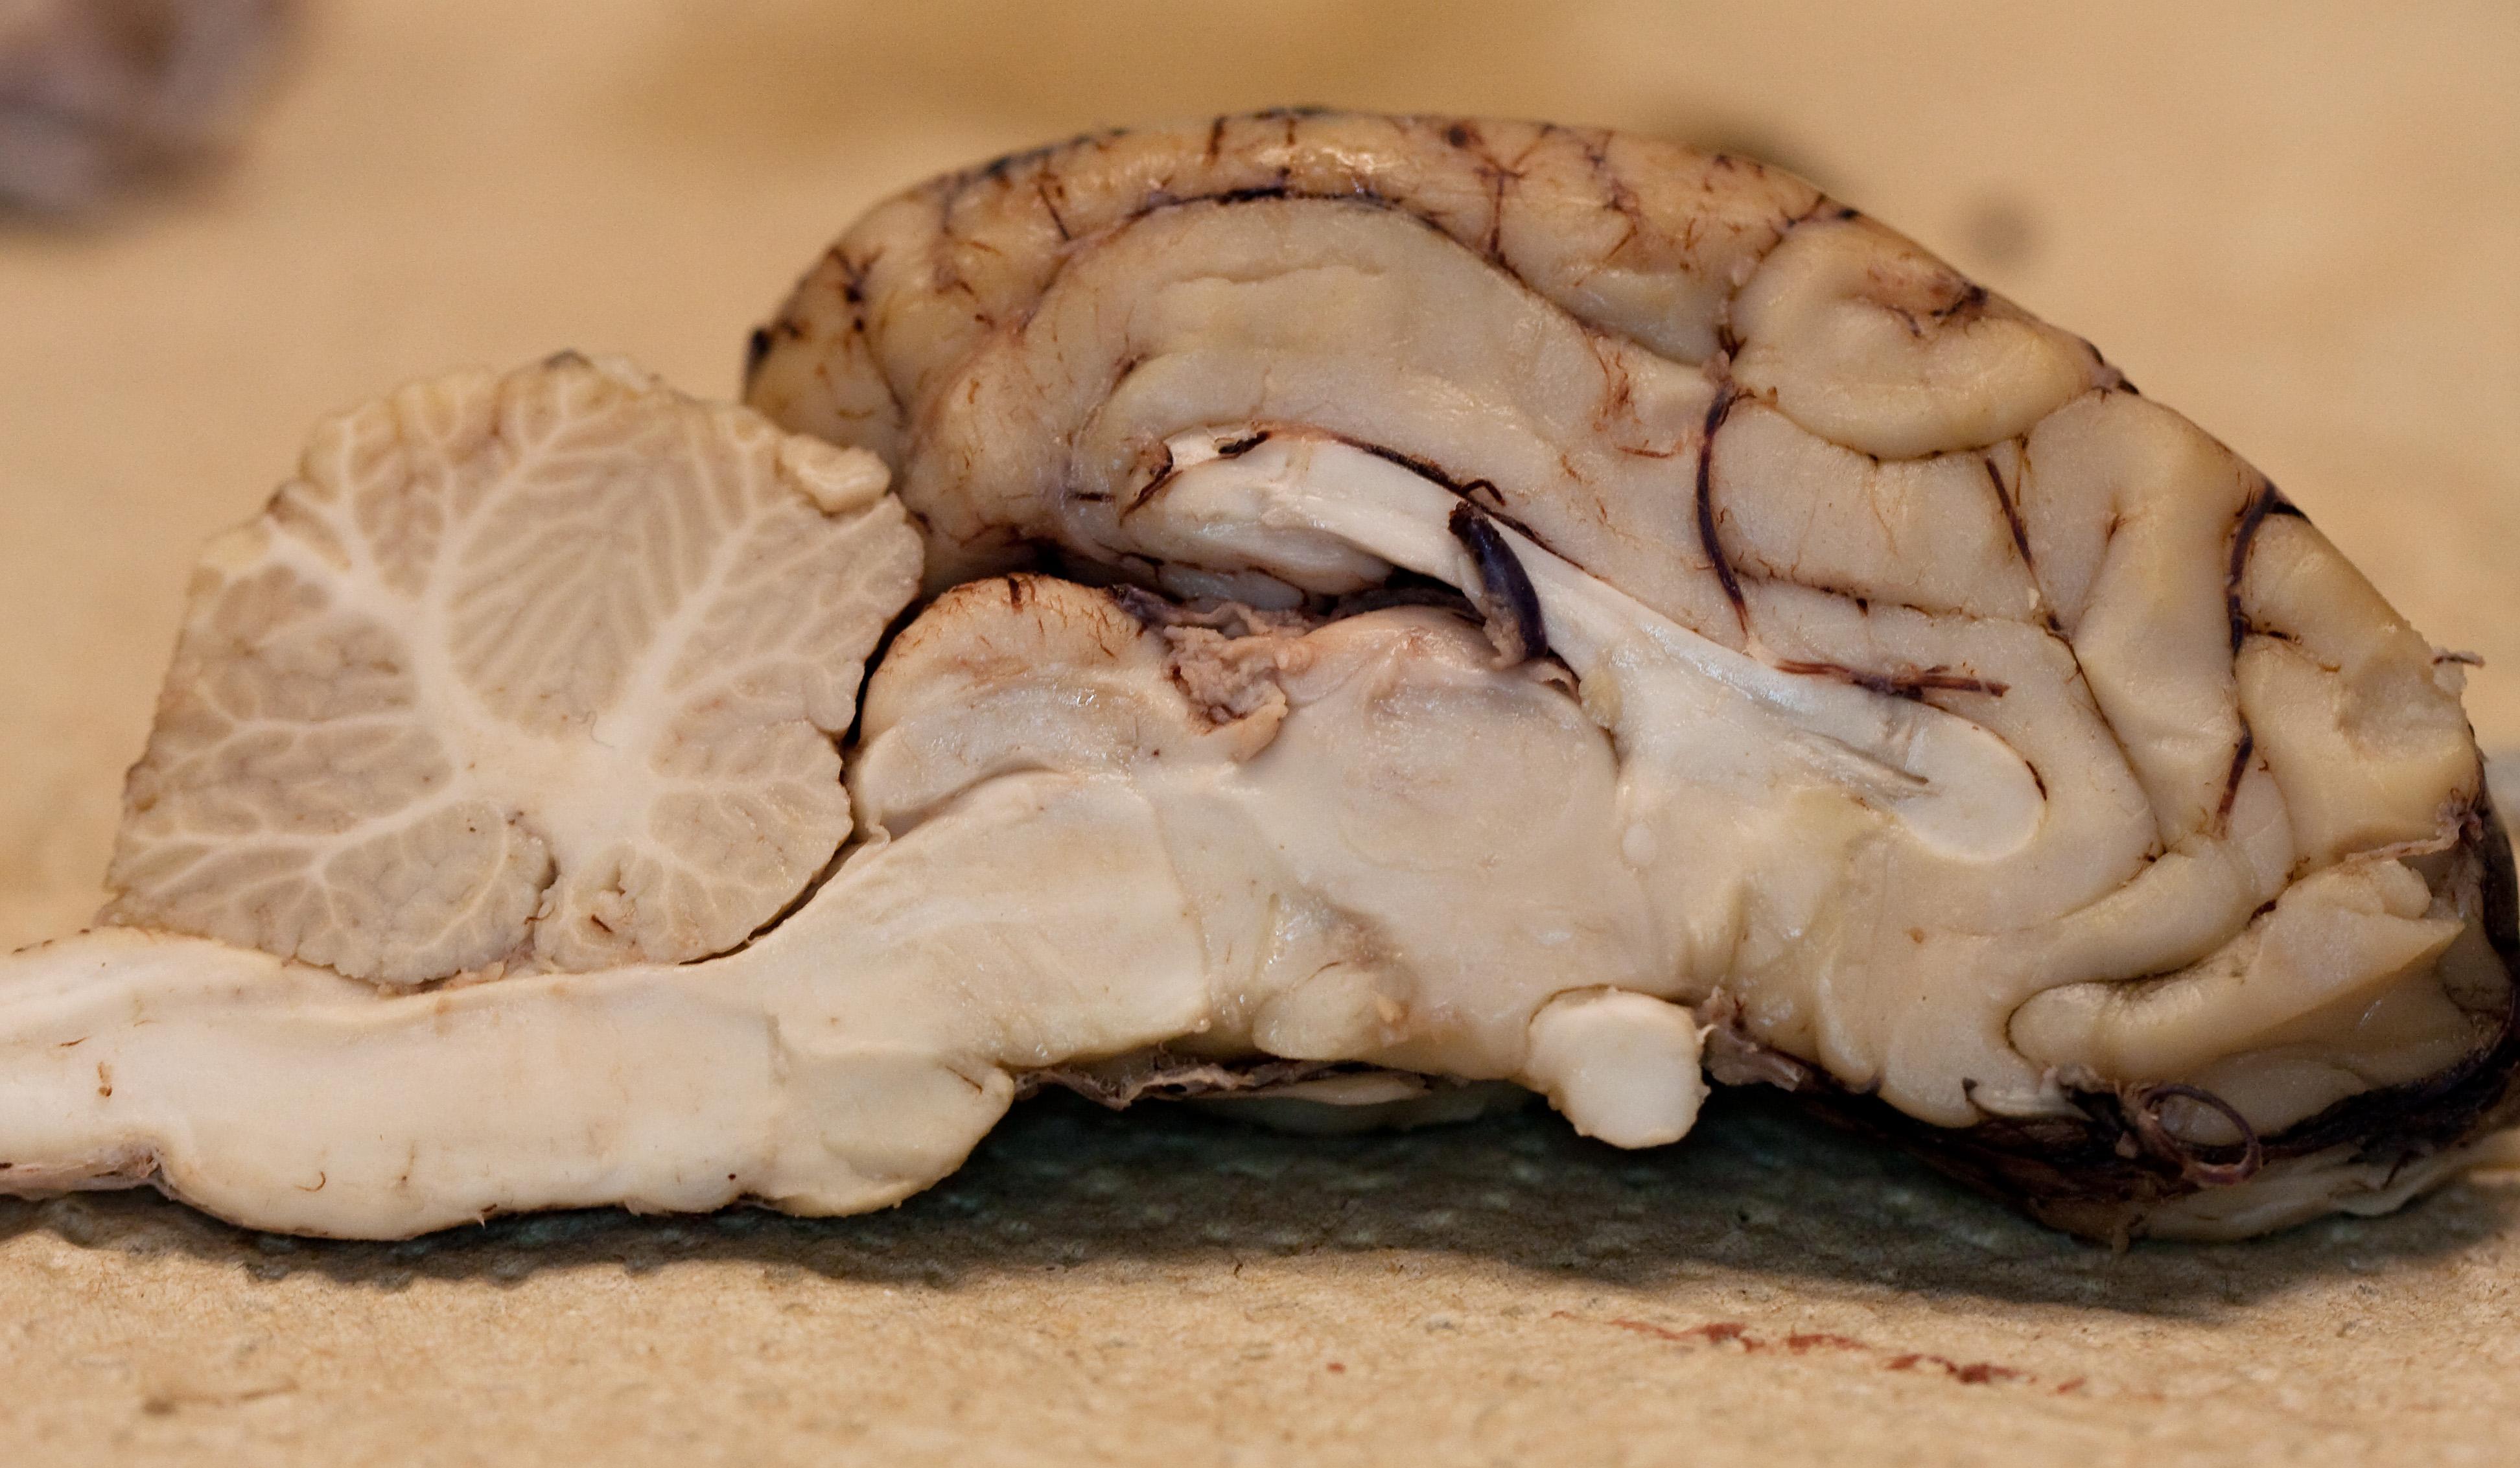 Sheep brain anatomy